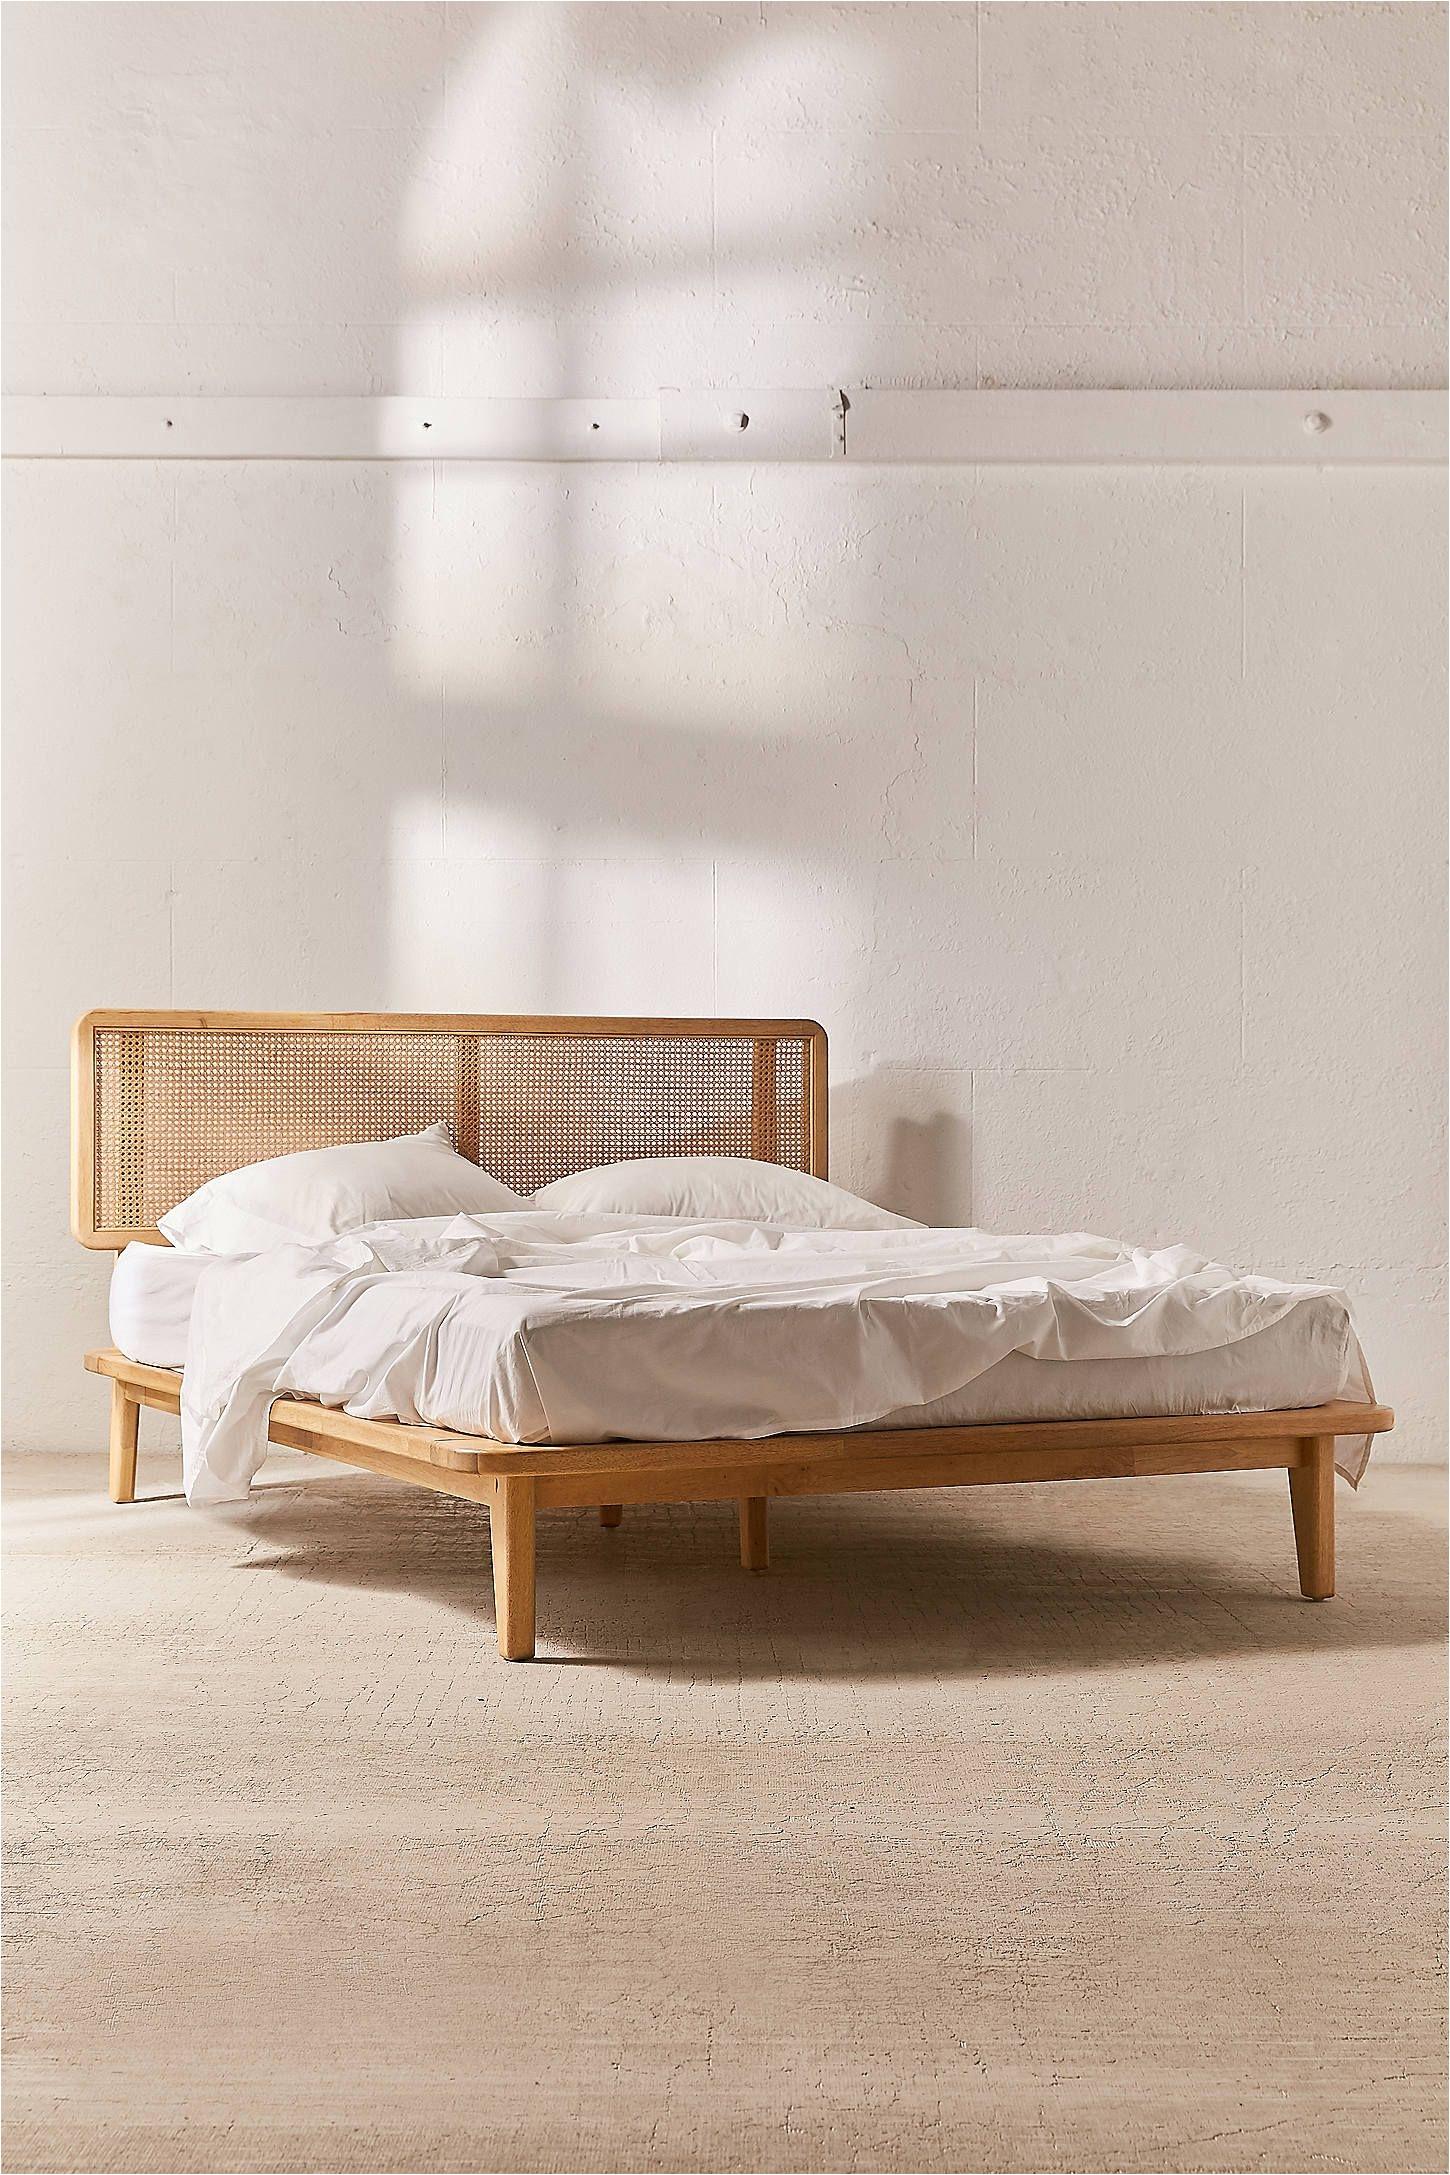 On the Floor Bed Frames Marte Platform Bed Platform Beds Bedrooms and Bedroom Plants